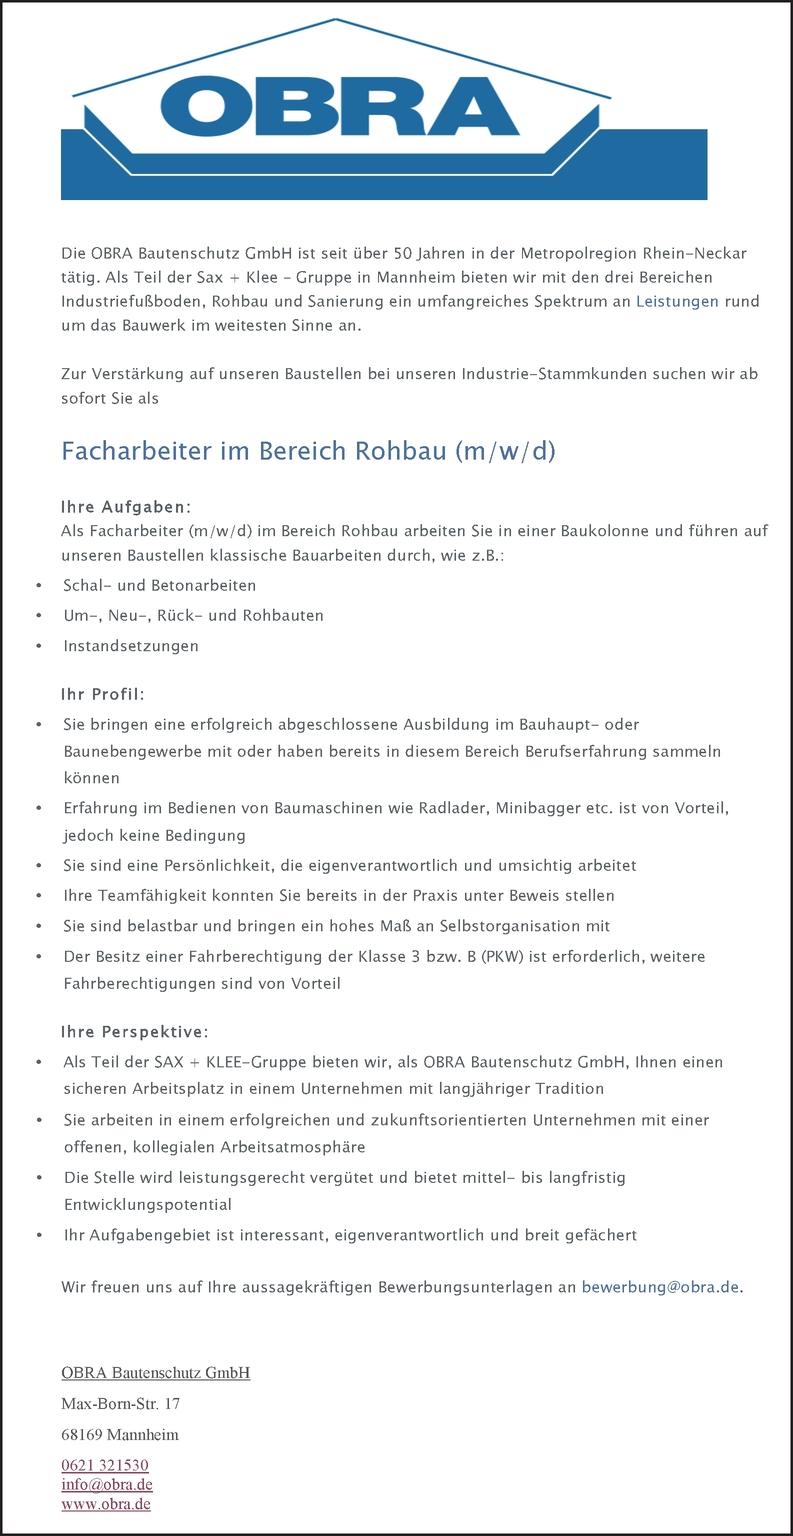 Facharbeiter im Bereich Rohbau (m/w/d)